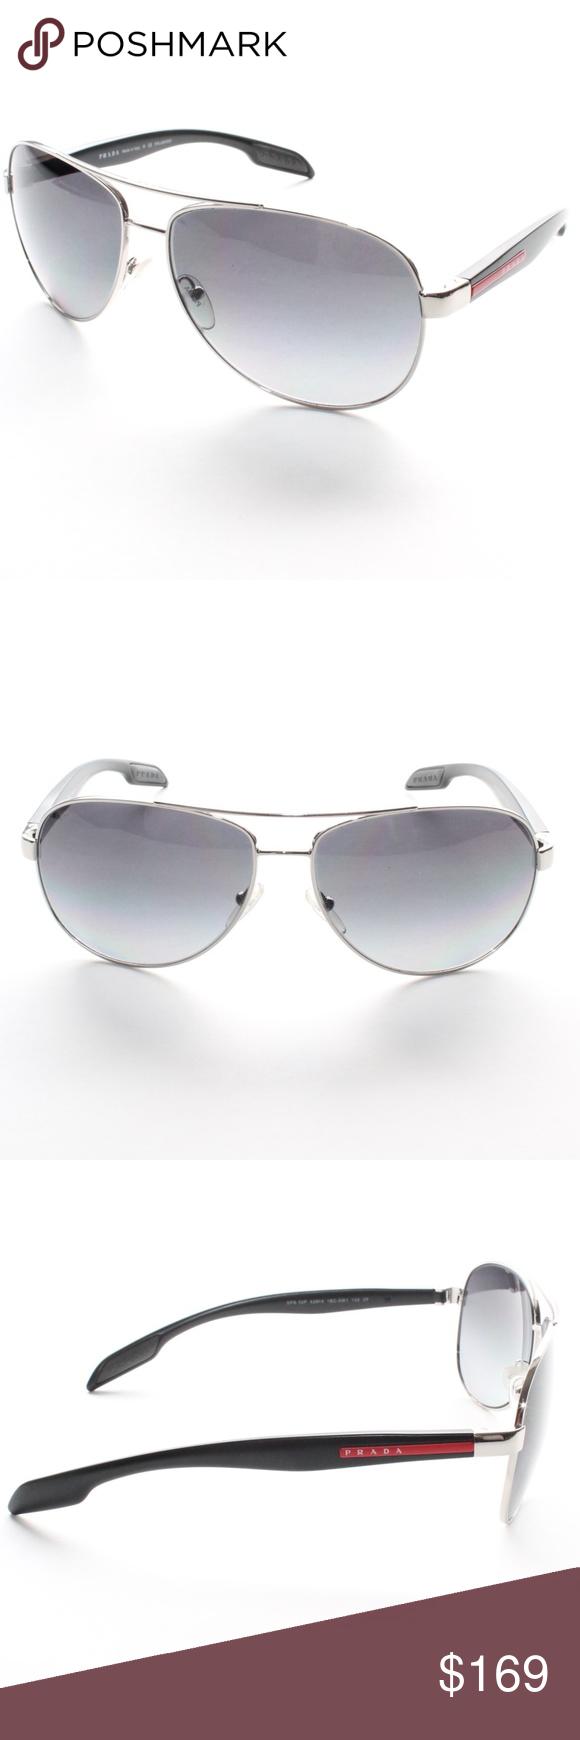 dfecc48fb021 ... reduced prada sport mens sunglasses ps53ps polarized brand new 100 authentic  prada sport mens sunglasses ps53ps